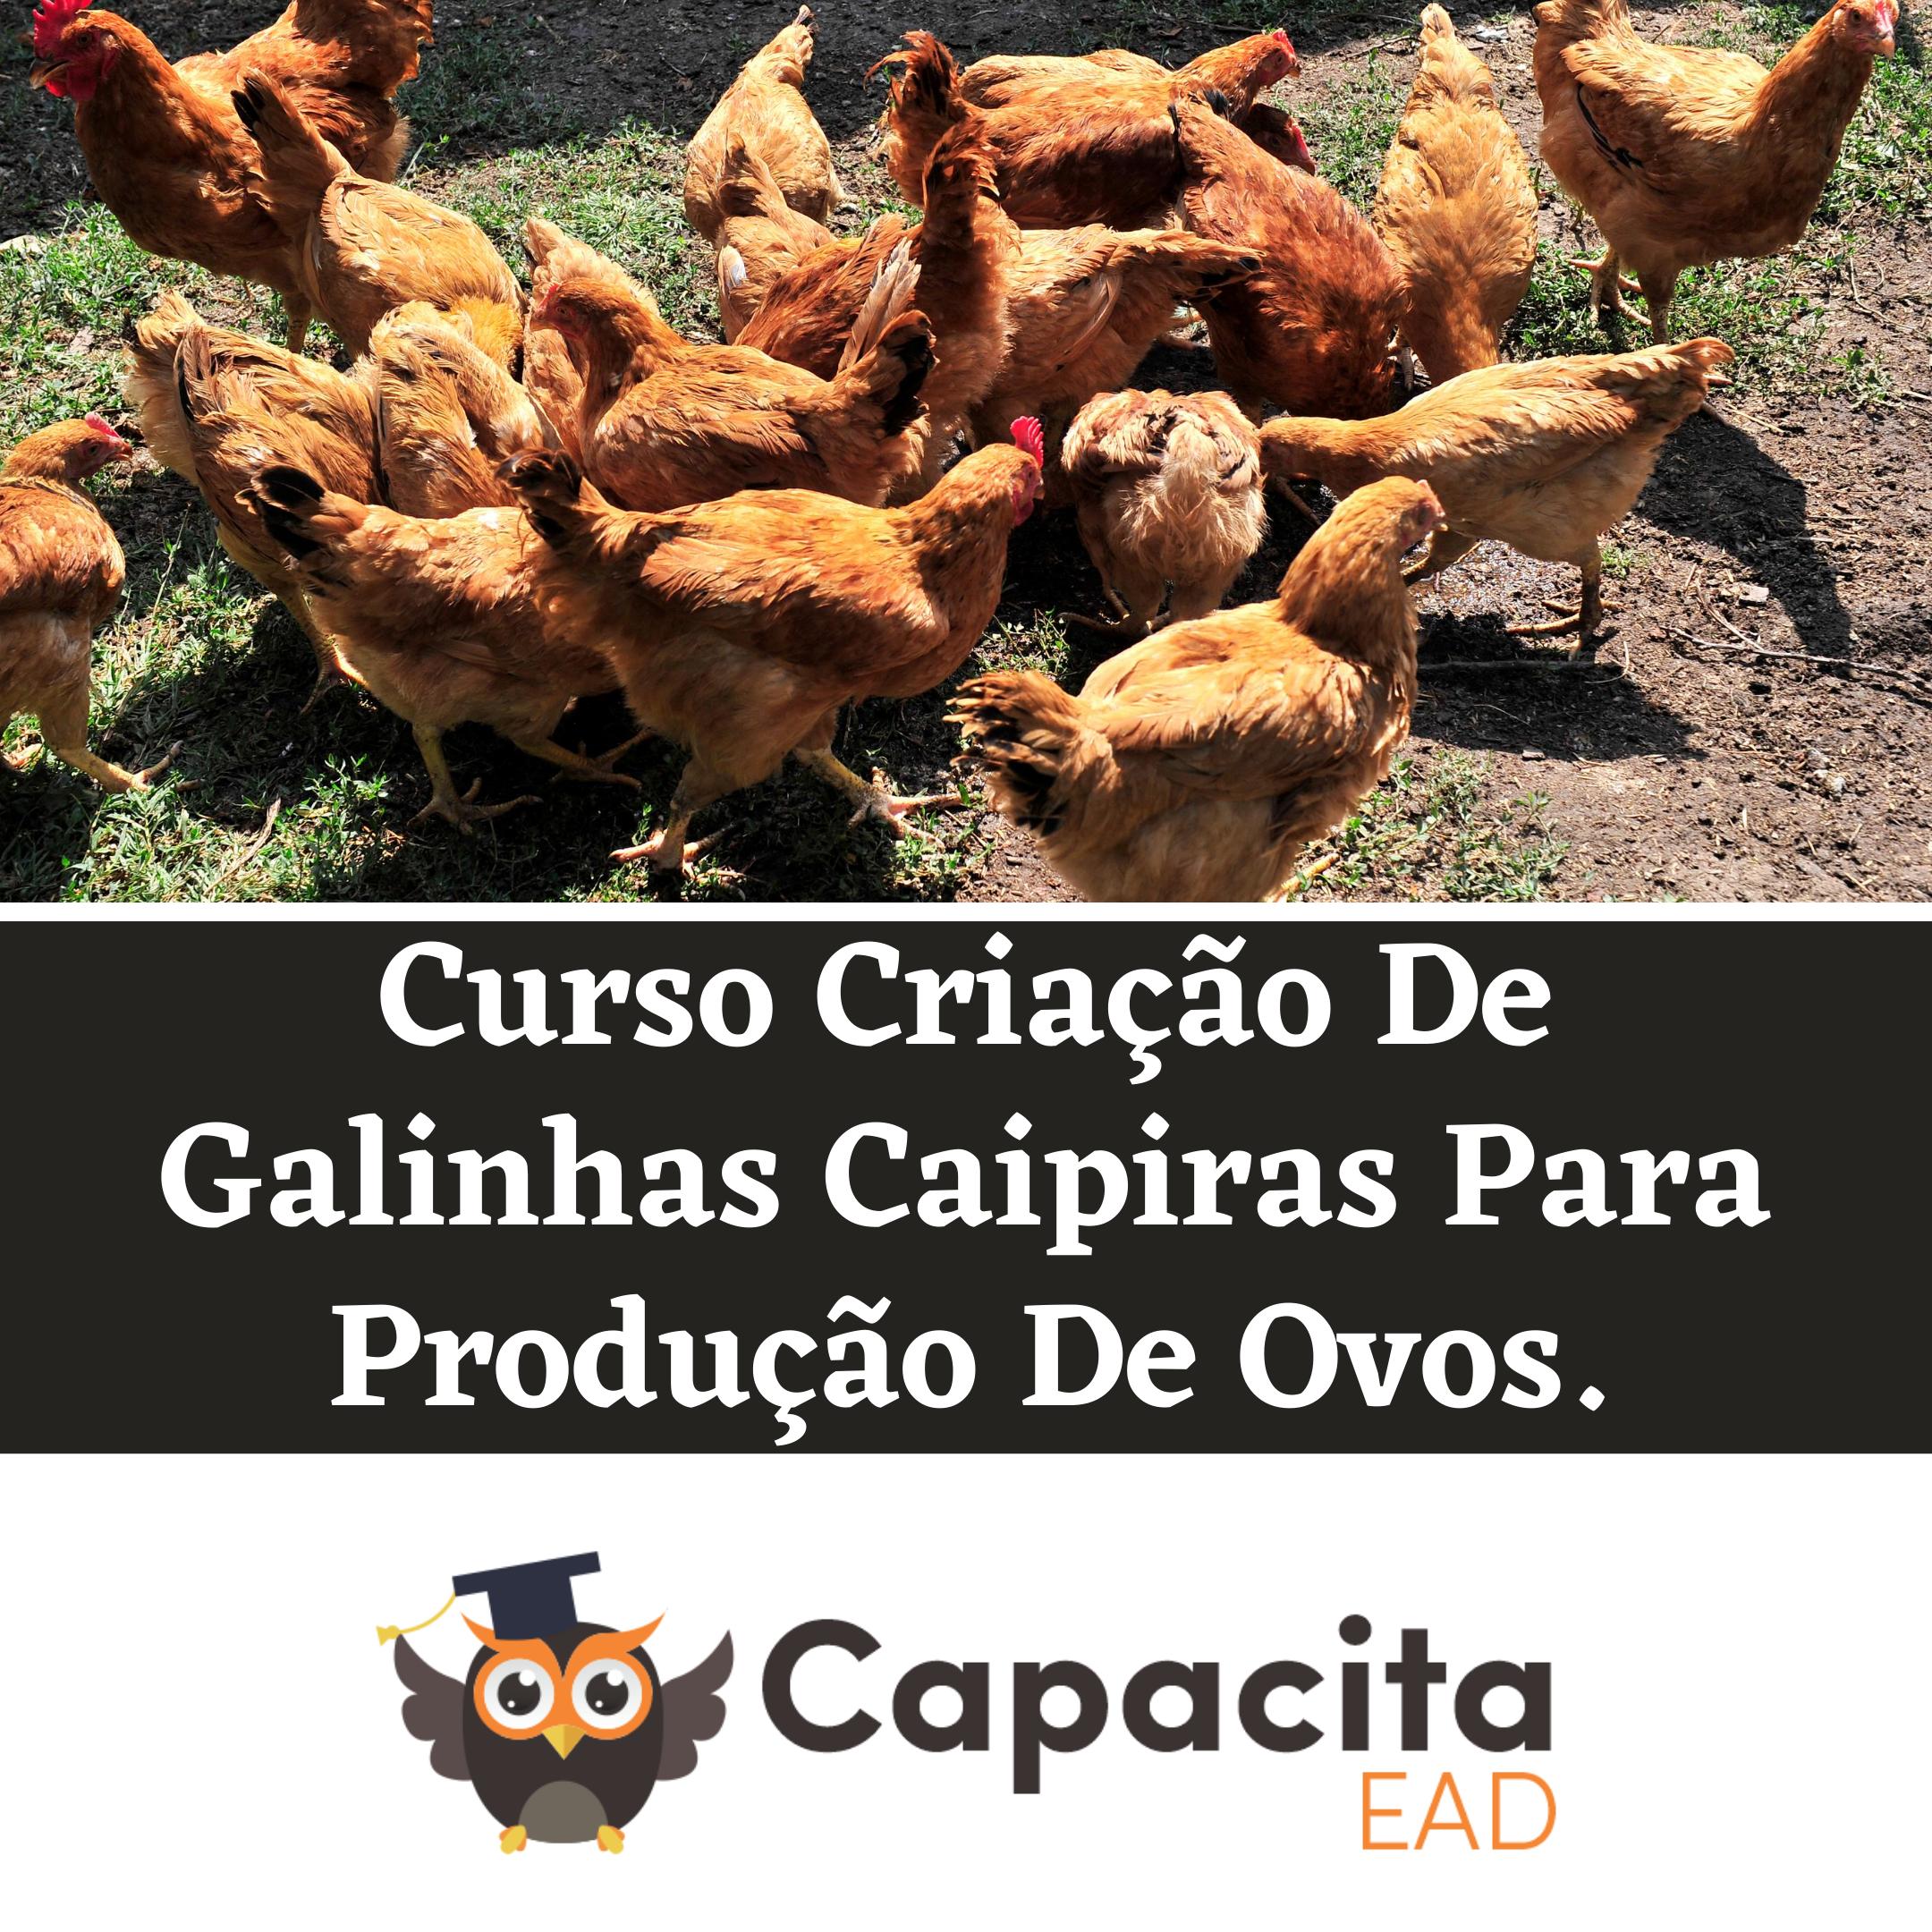 Curso Criação De Galinhas Caipiras Para Produção De Ovos